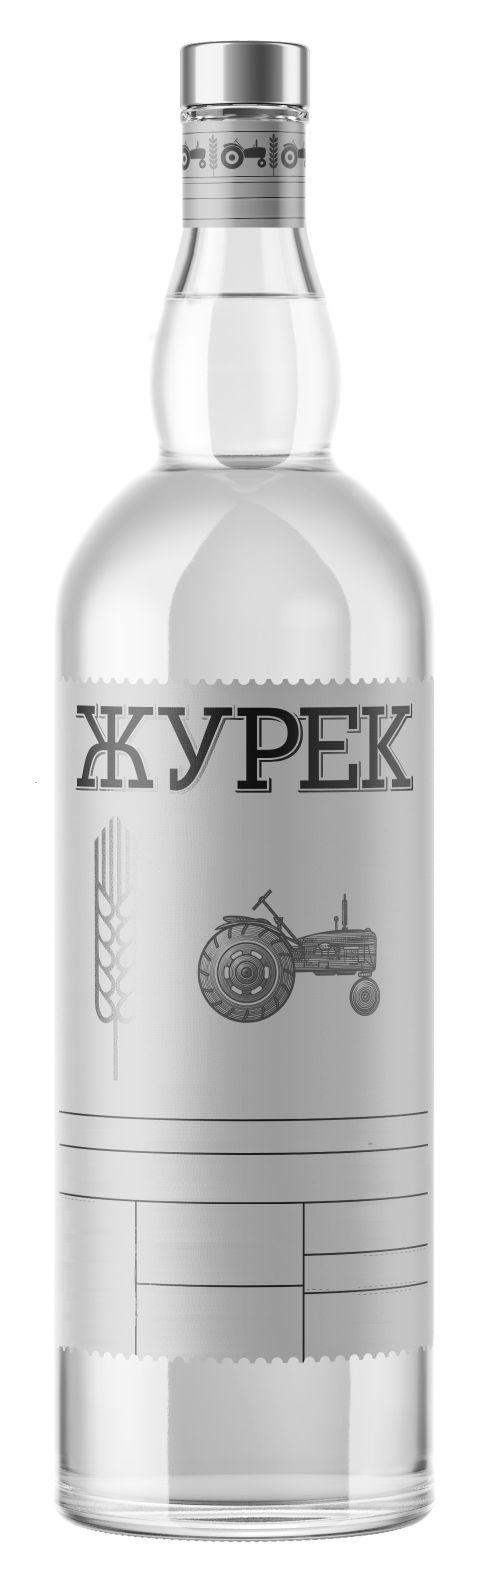 Bildmarke: ЖУРЕК